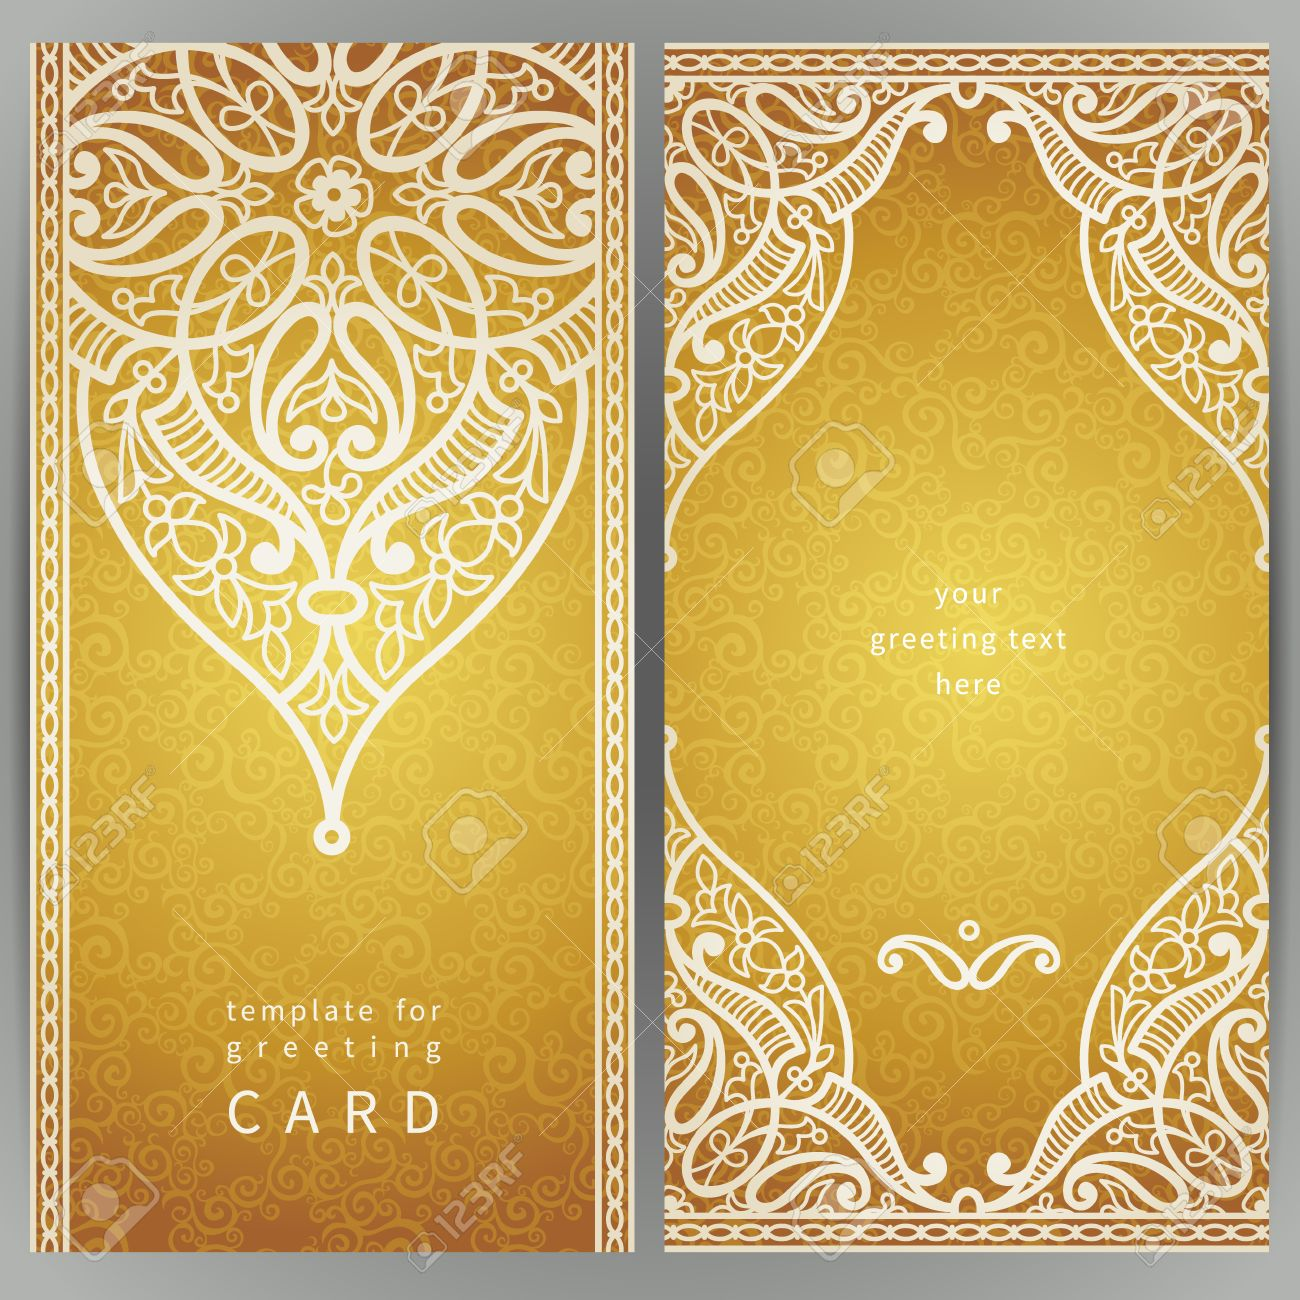 dimages cartes ornes vintage dans le style oriental or dcoration florale orientale cadre modle pour carte de voeux et invitation de mariage - Carte D Invitation Mariage Oriental